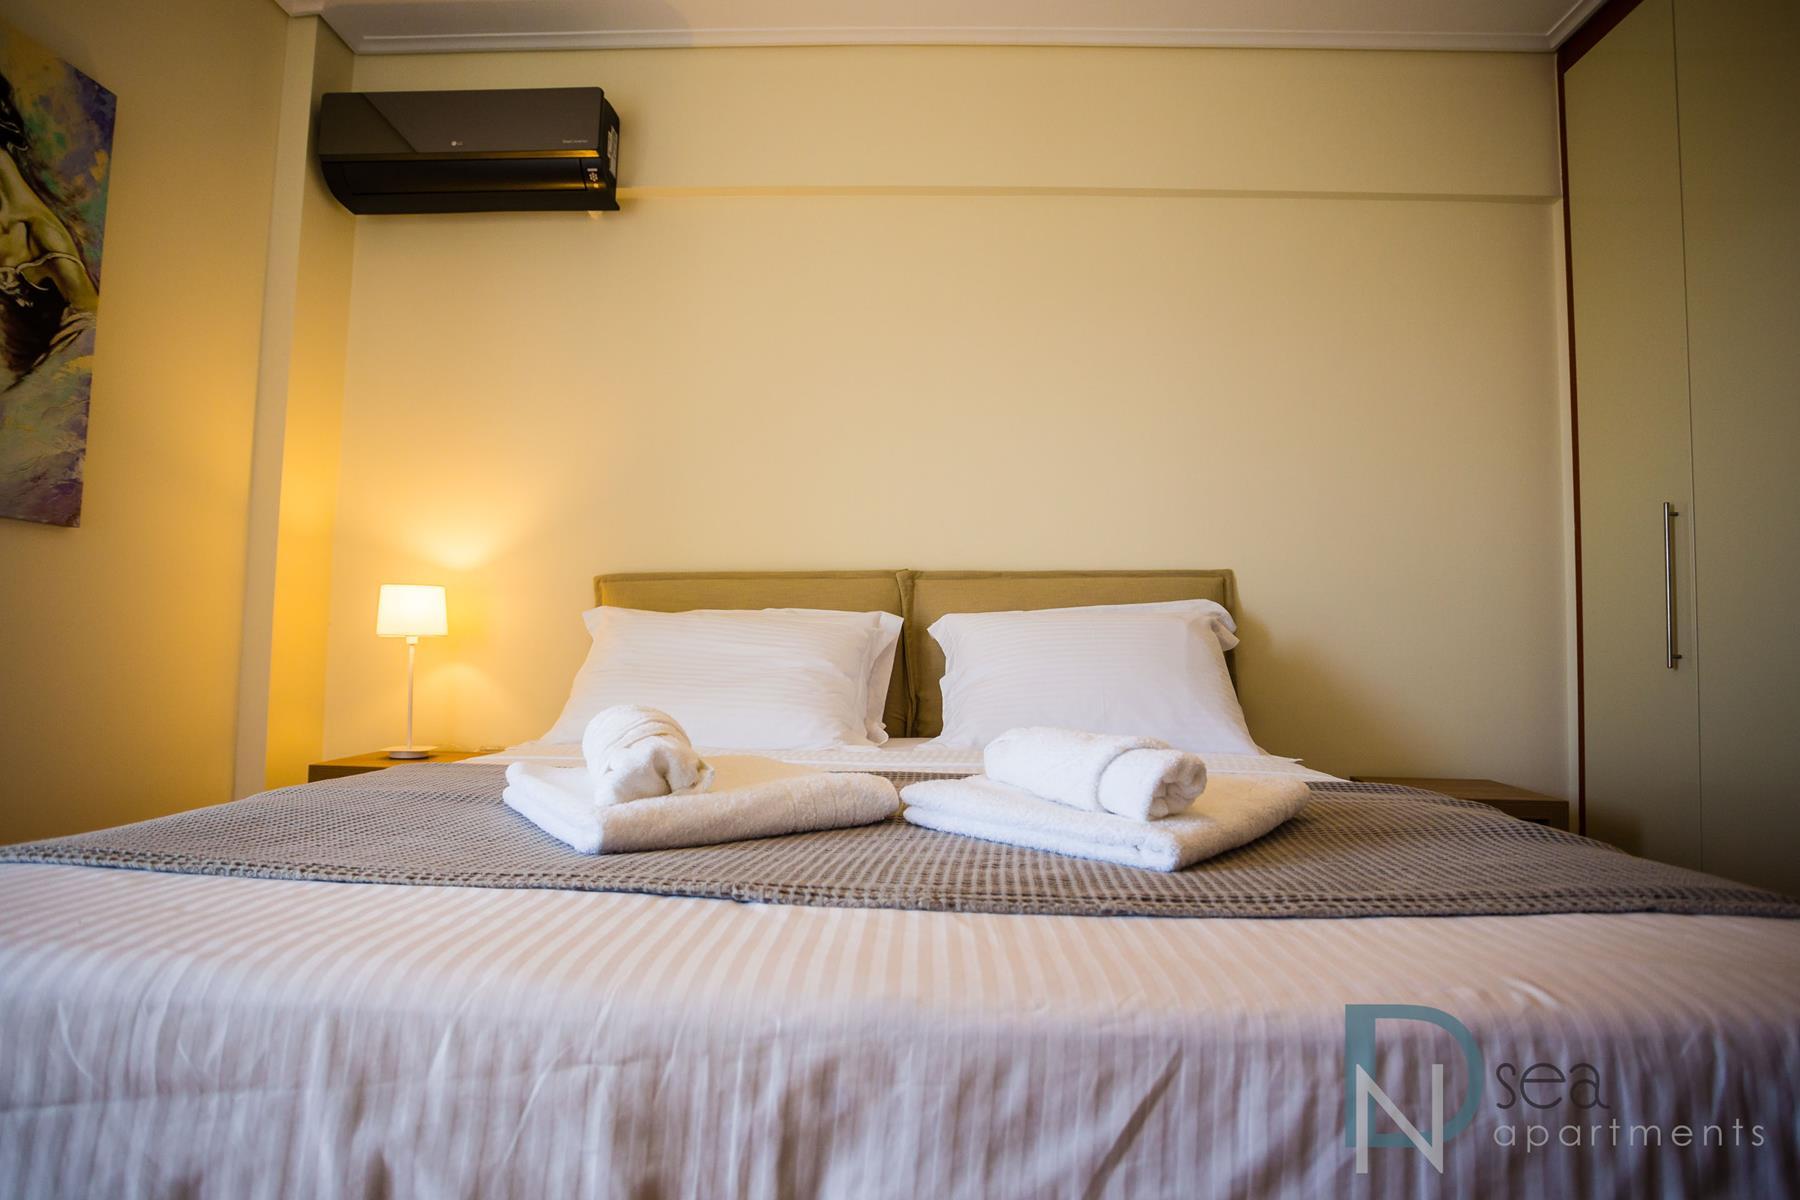 καλαμάτα διαμονη - DN Sea Apartments